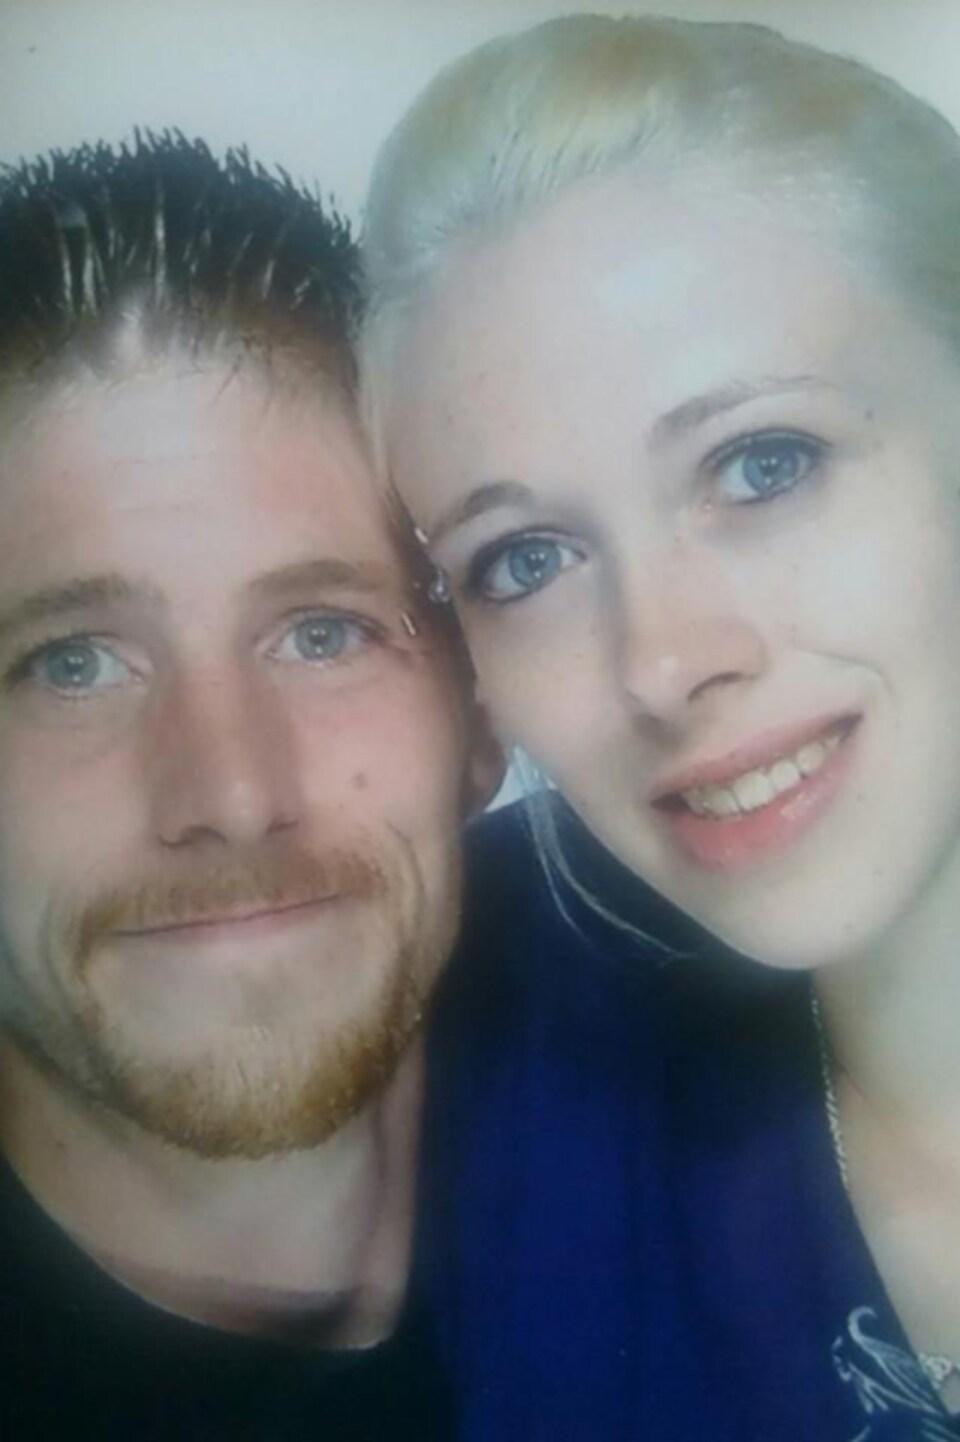 Tyler Fillmore et sa femme, Sara Fillmore, qui avait lancé un appel au public pour aider à le retrouver, après sa disparition.